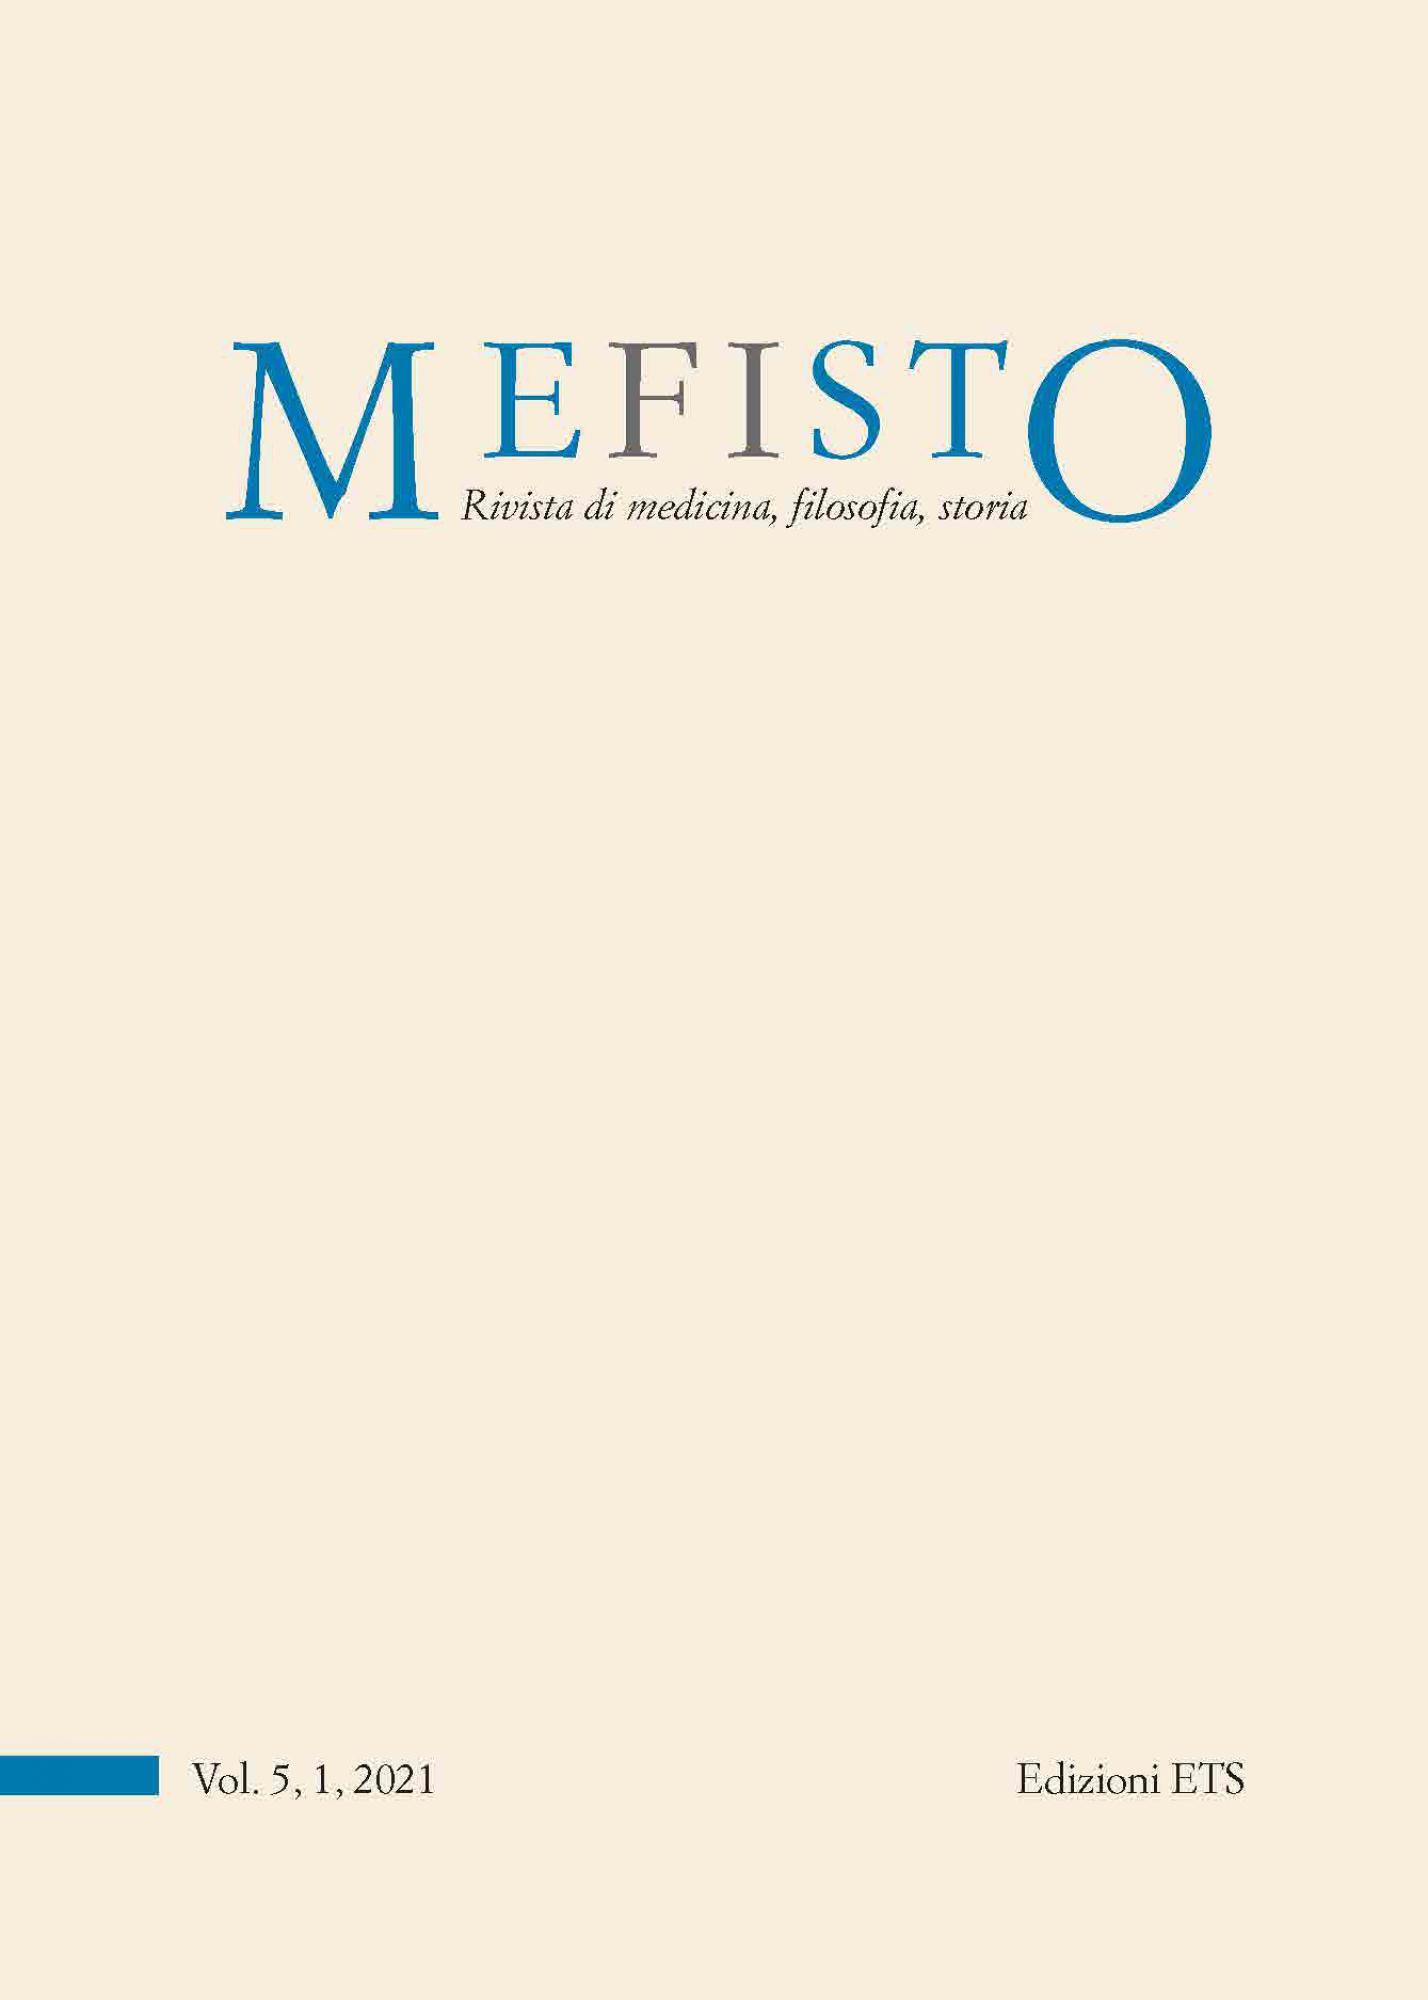 Mefisto. Rivista di medicina, filosofia, storia.Vol. 5, 1, 2021